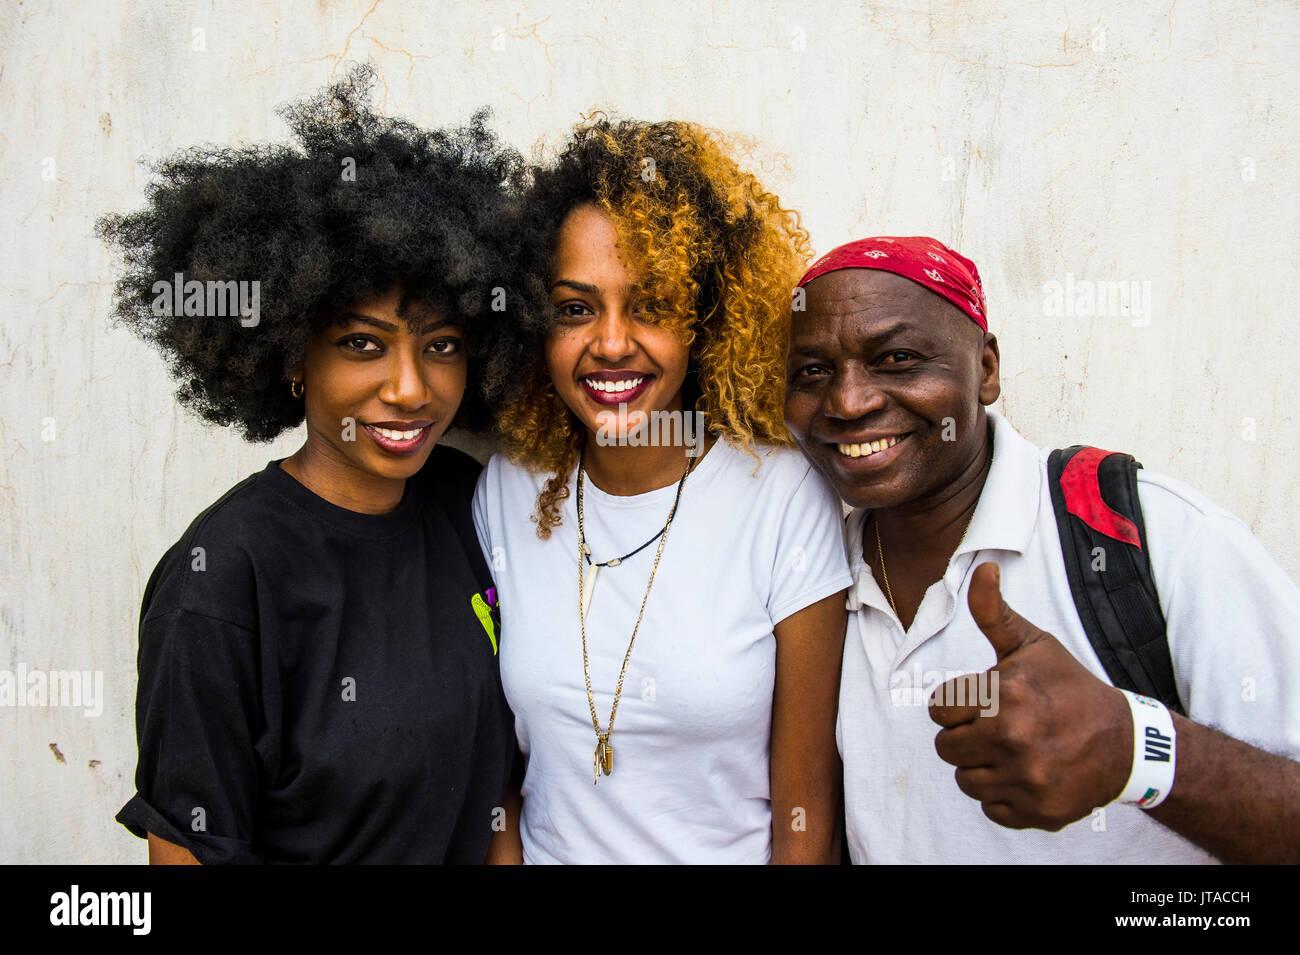 Die Einheimischen für die Kamera posiert, Bujumbura, Burundi, Afrika Stockbild